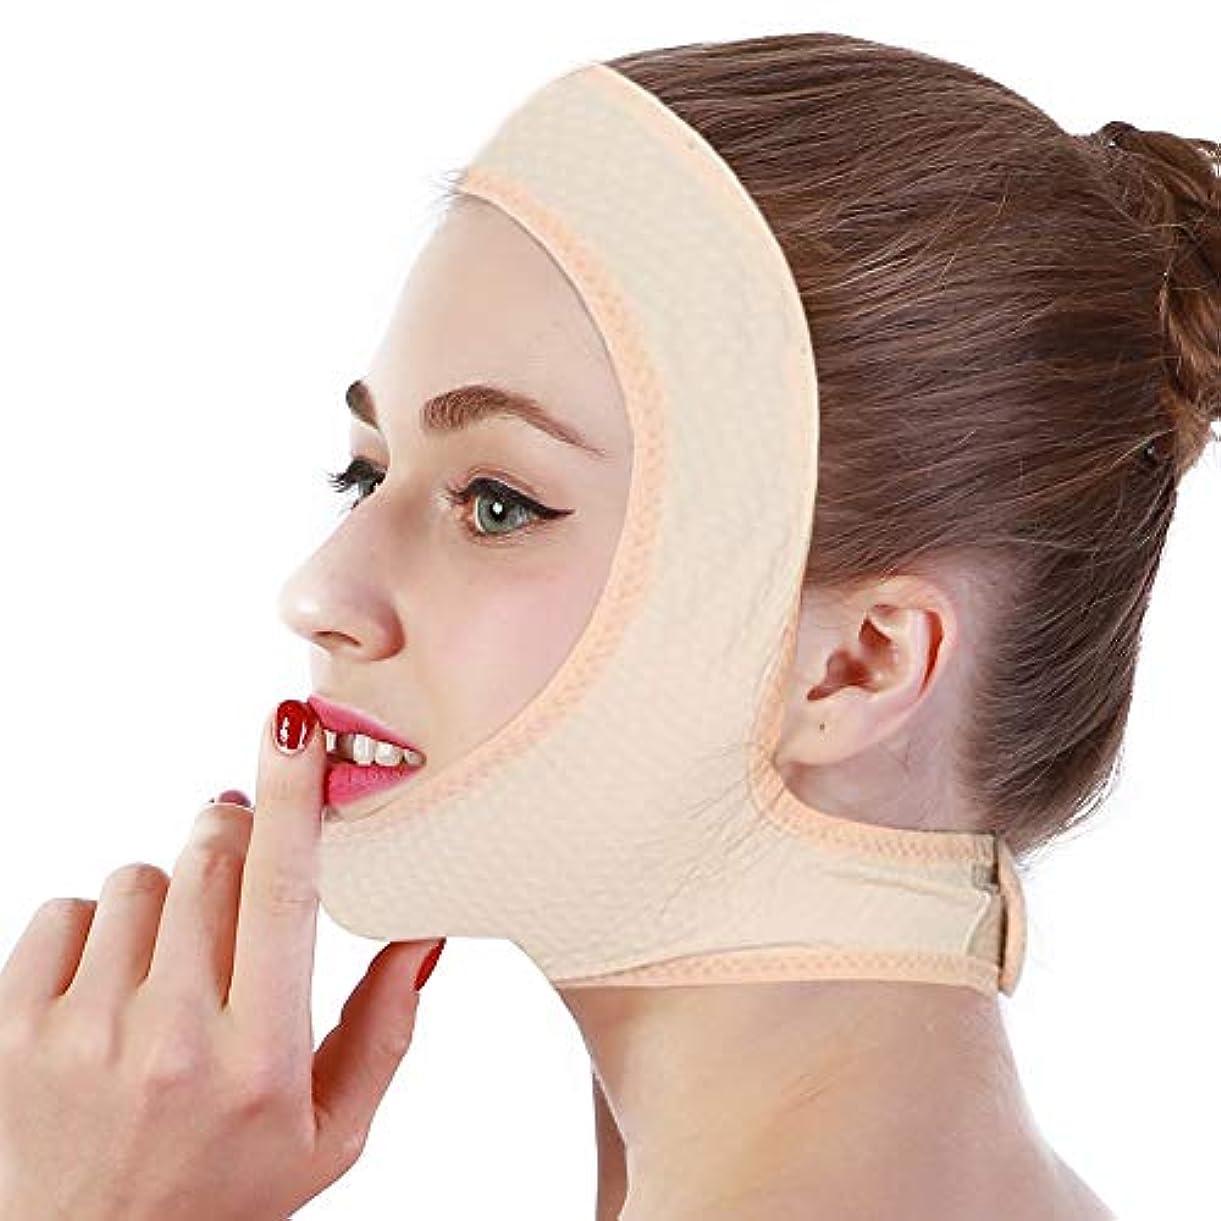 フェードアウト鉄道駅ケントフェイスマッサージ肌の色フェイスリフティングマスク薄いあご矯正ツール顔の輪郭調整包帯